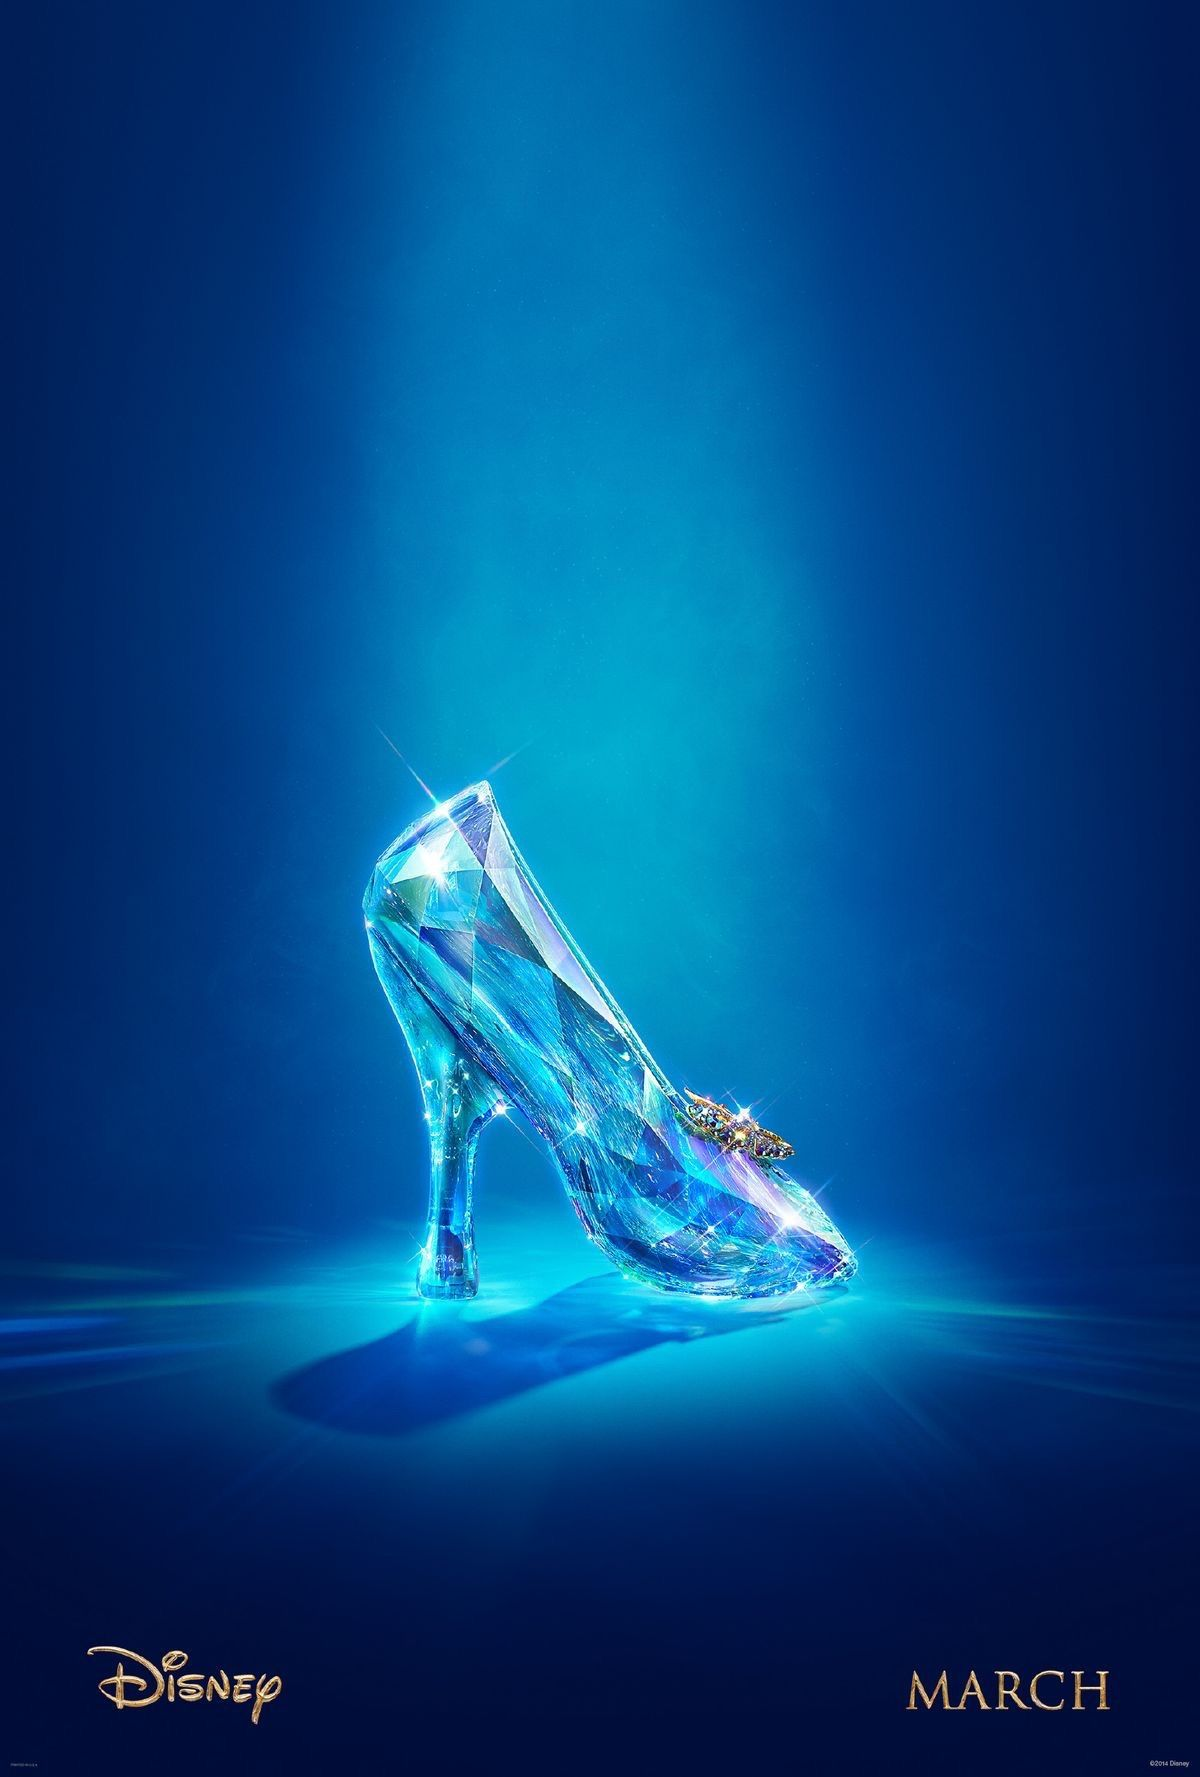 ガラスの靴 ディズニー映画 シンデレラ 壁紙 ディズニー シンデレラ